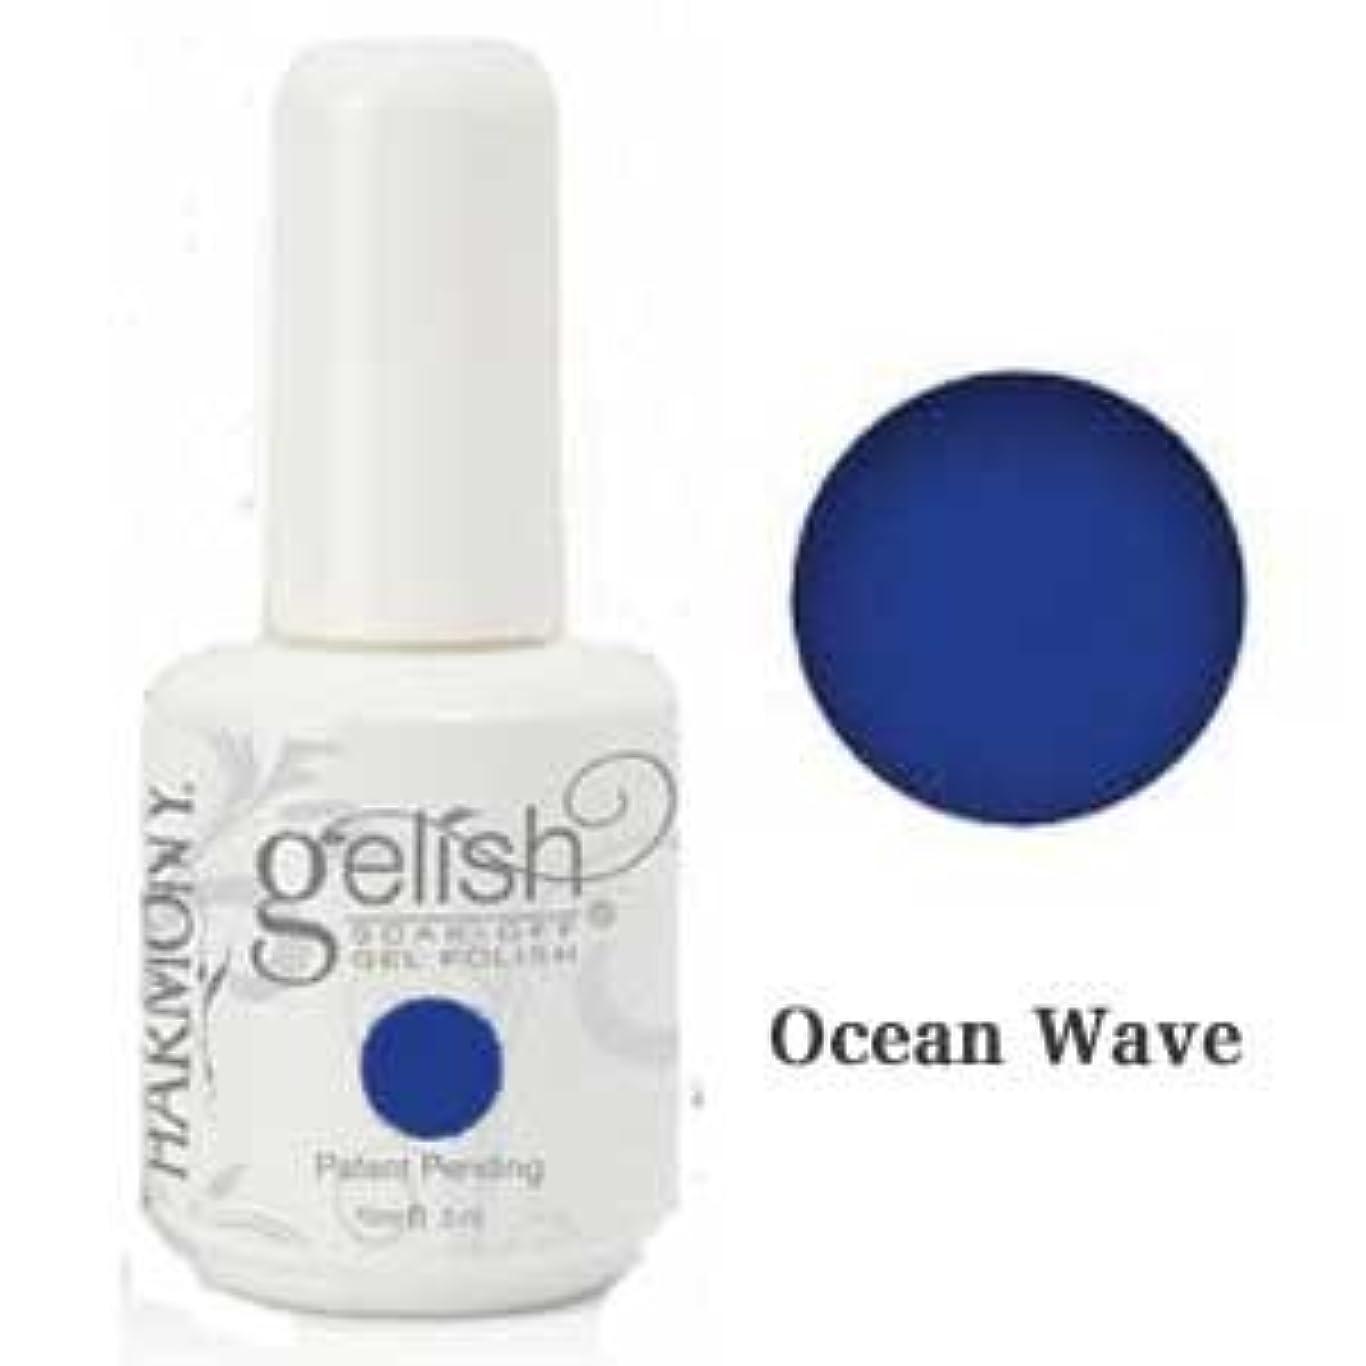 一節マオリ膨らませるHarmony gelishソークオフジェル-Ocean Wave 15ml [海外直送品][並行輸入品]